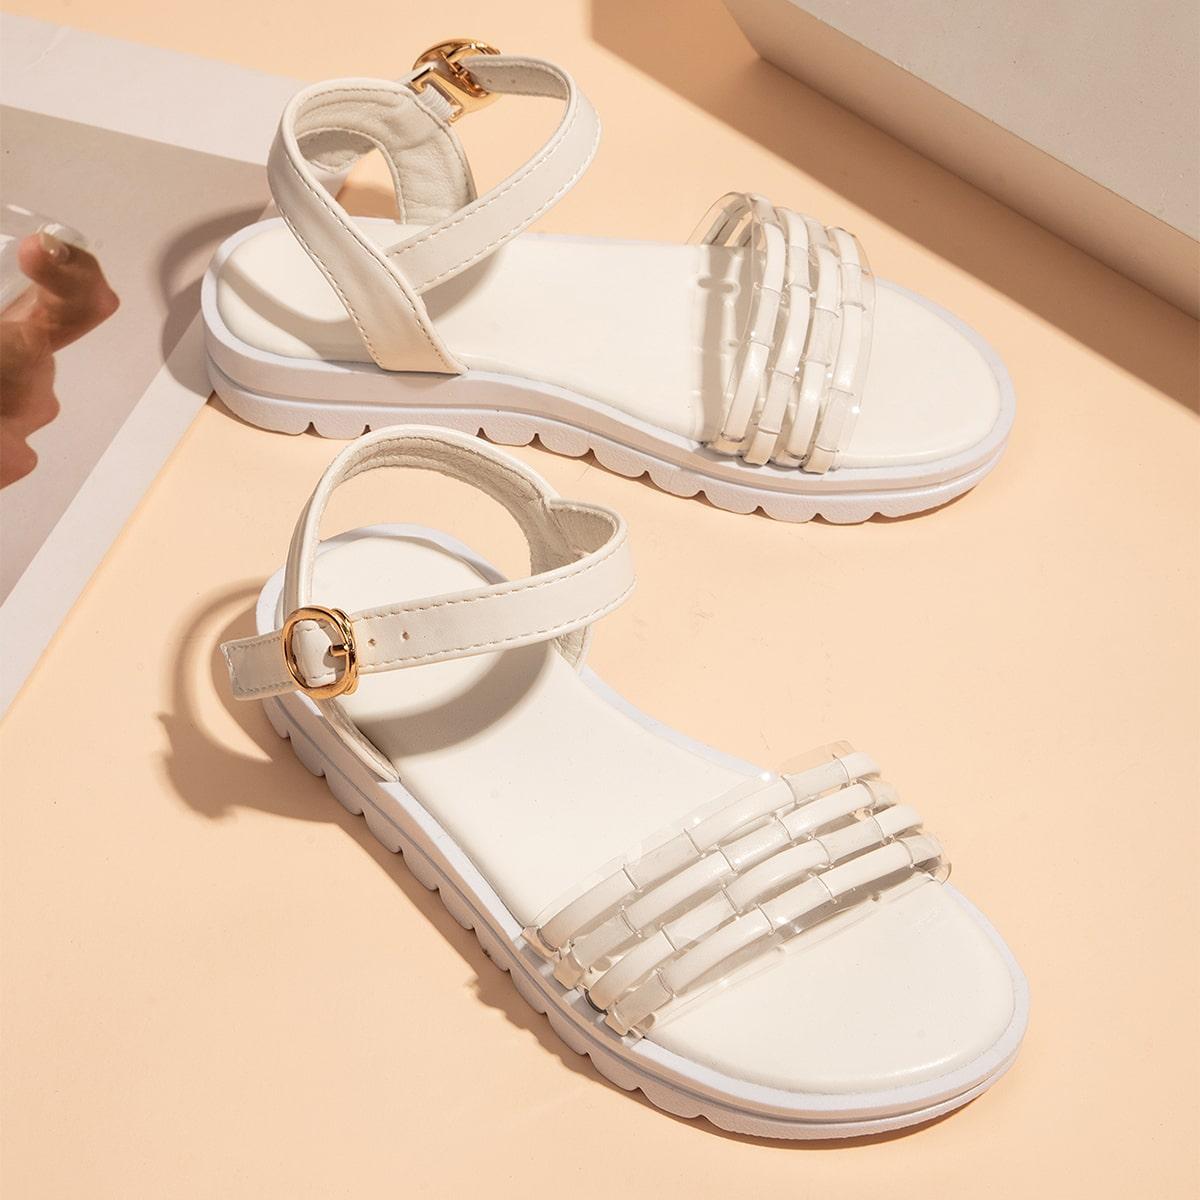 Минималистичные сандалии для девочек SheIn skshoes25210528059